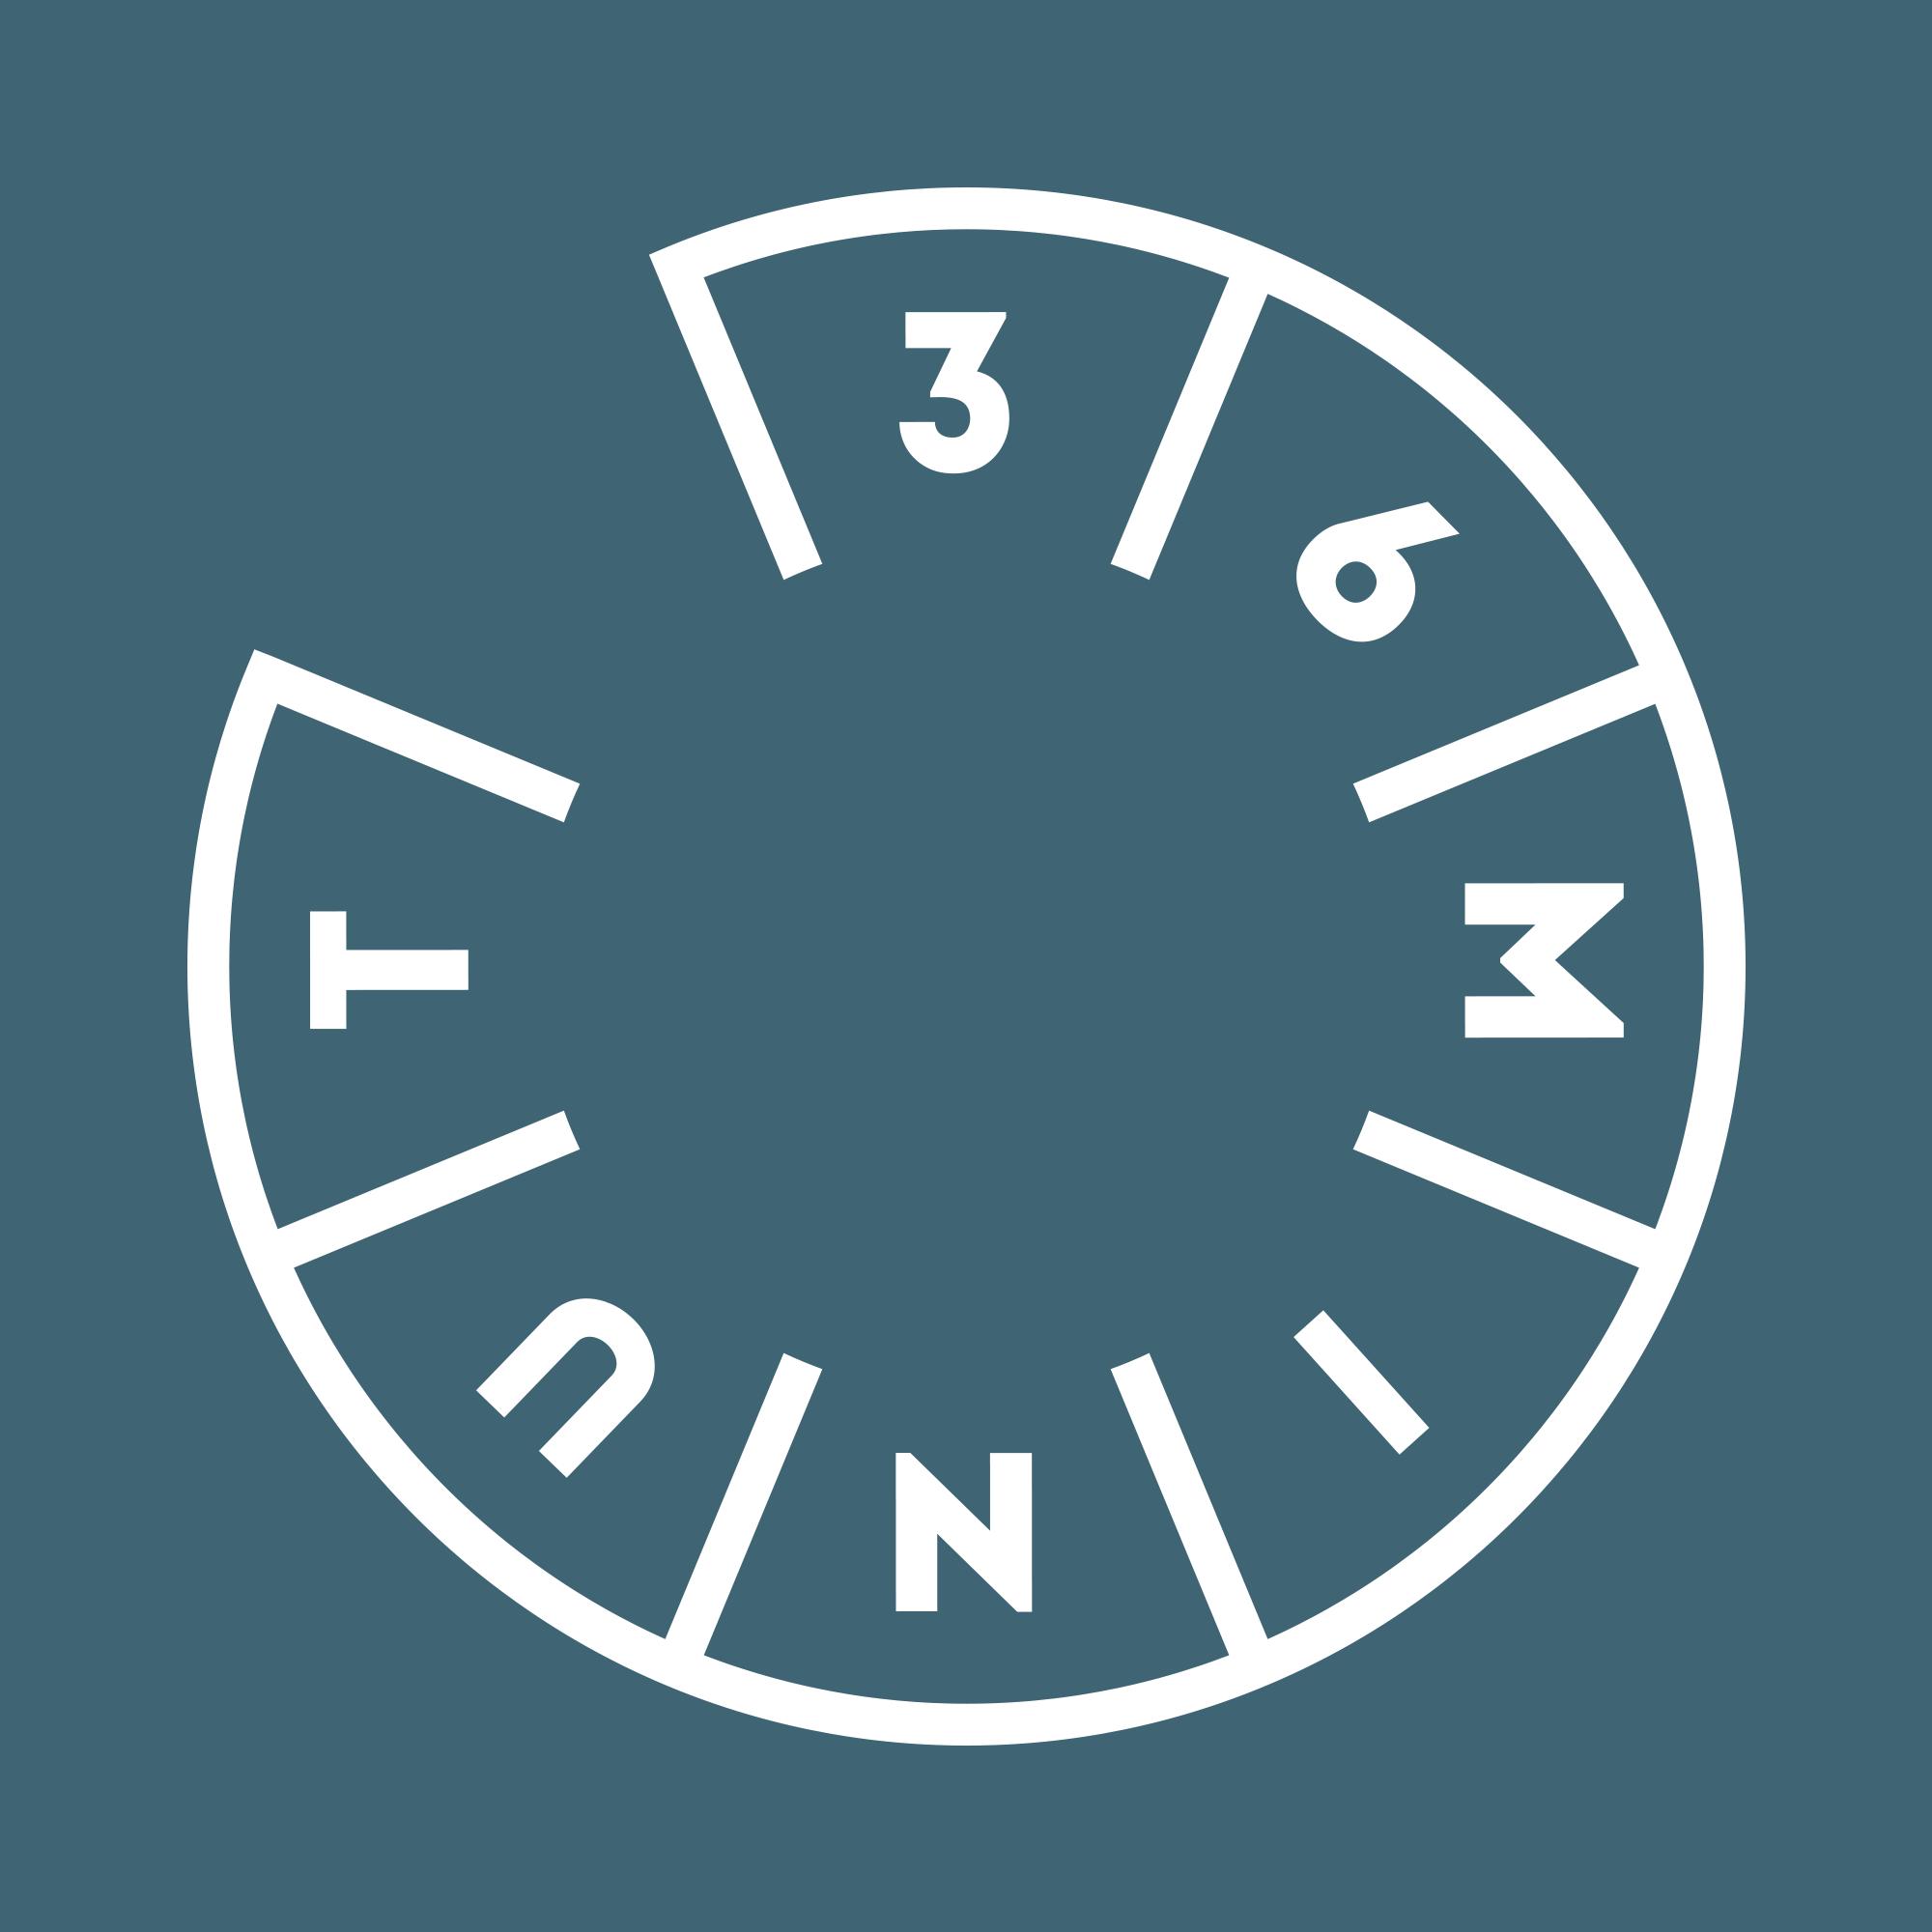 36m_logo_2